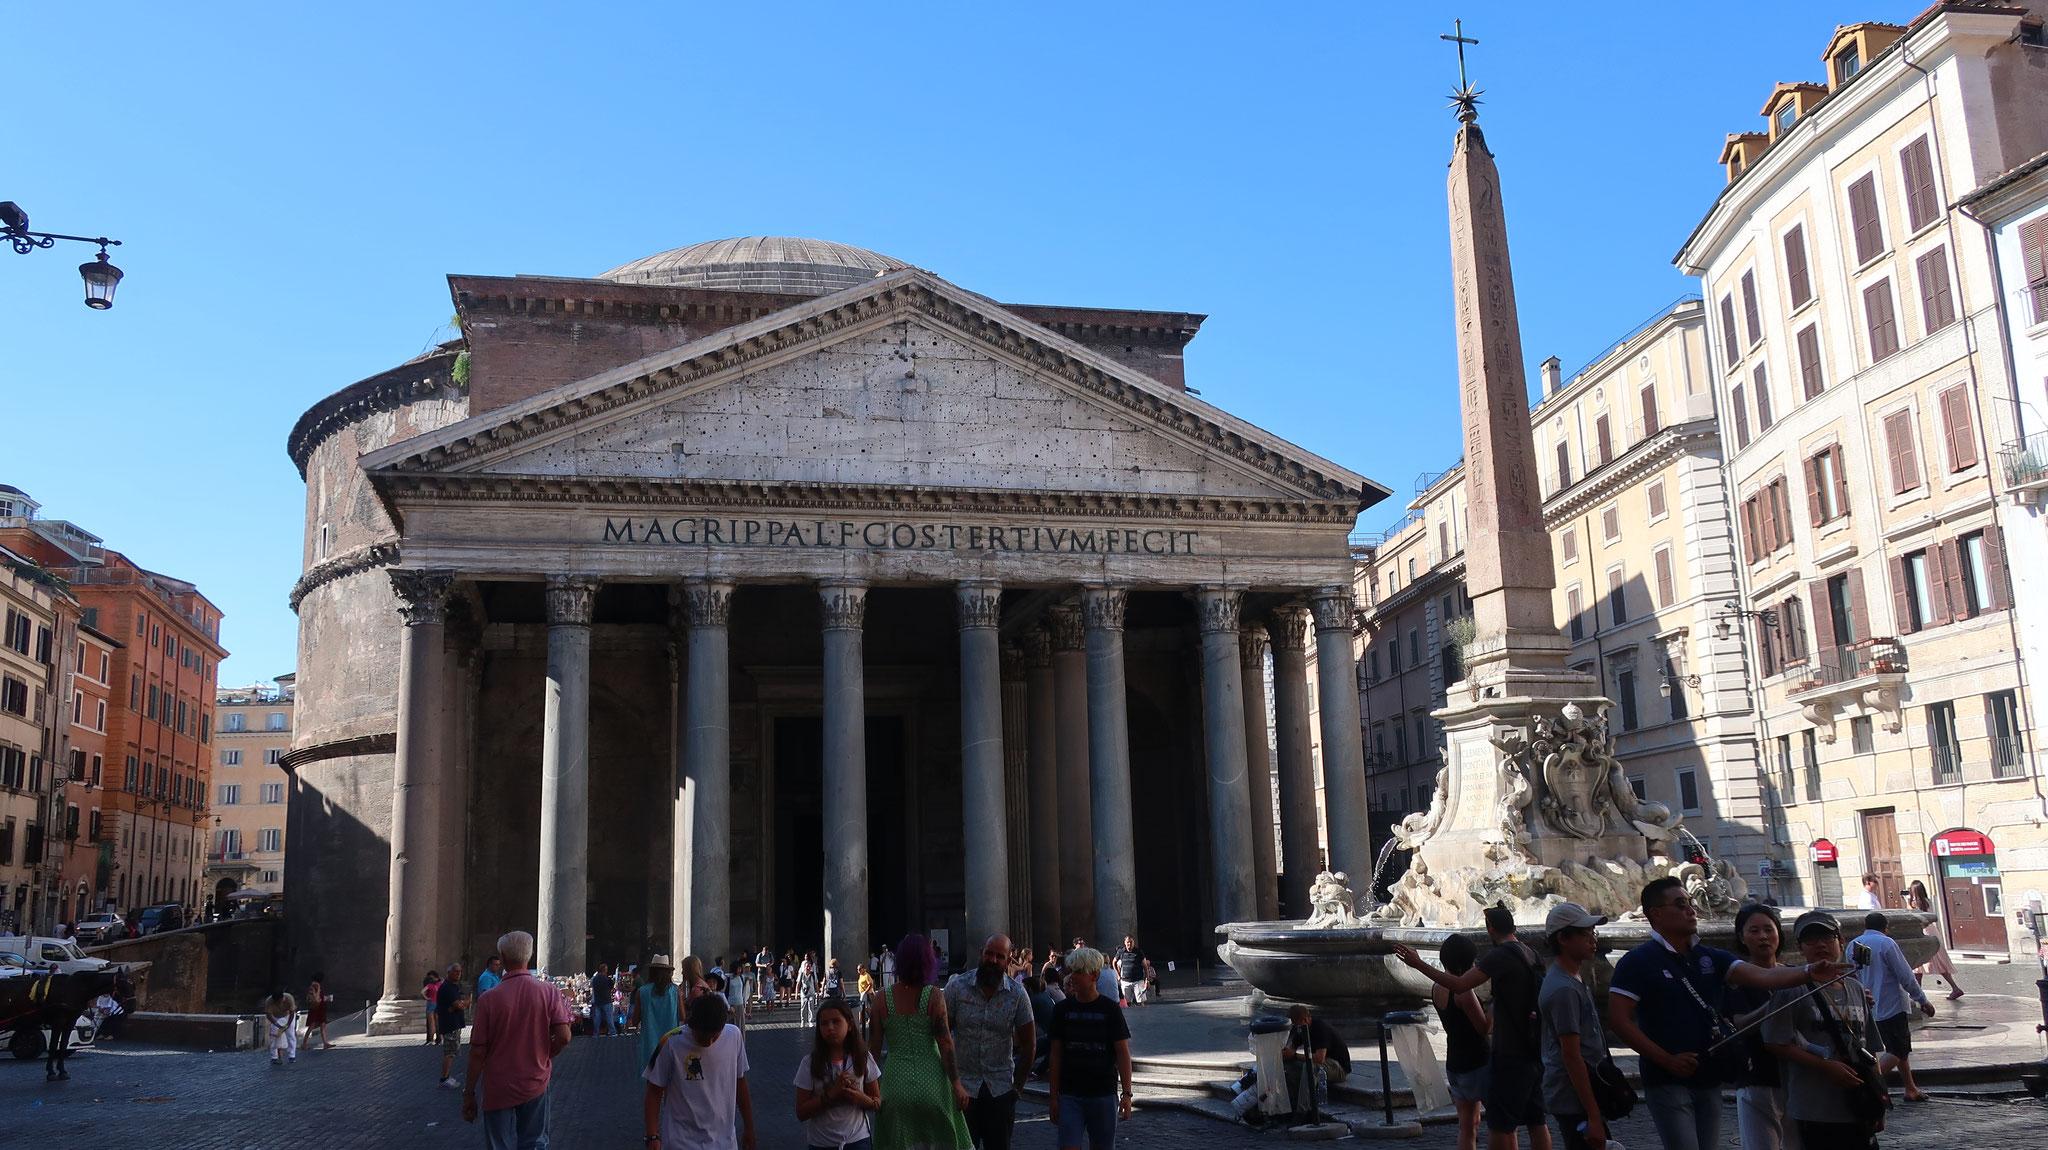 火災で消失しましたが、2世紀にハドリアヌス帝が再建しました。